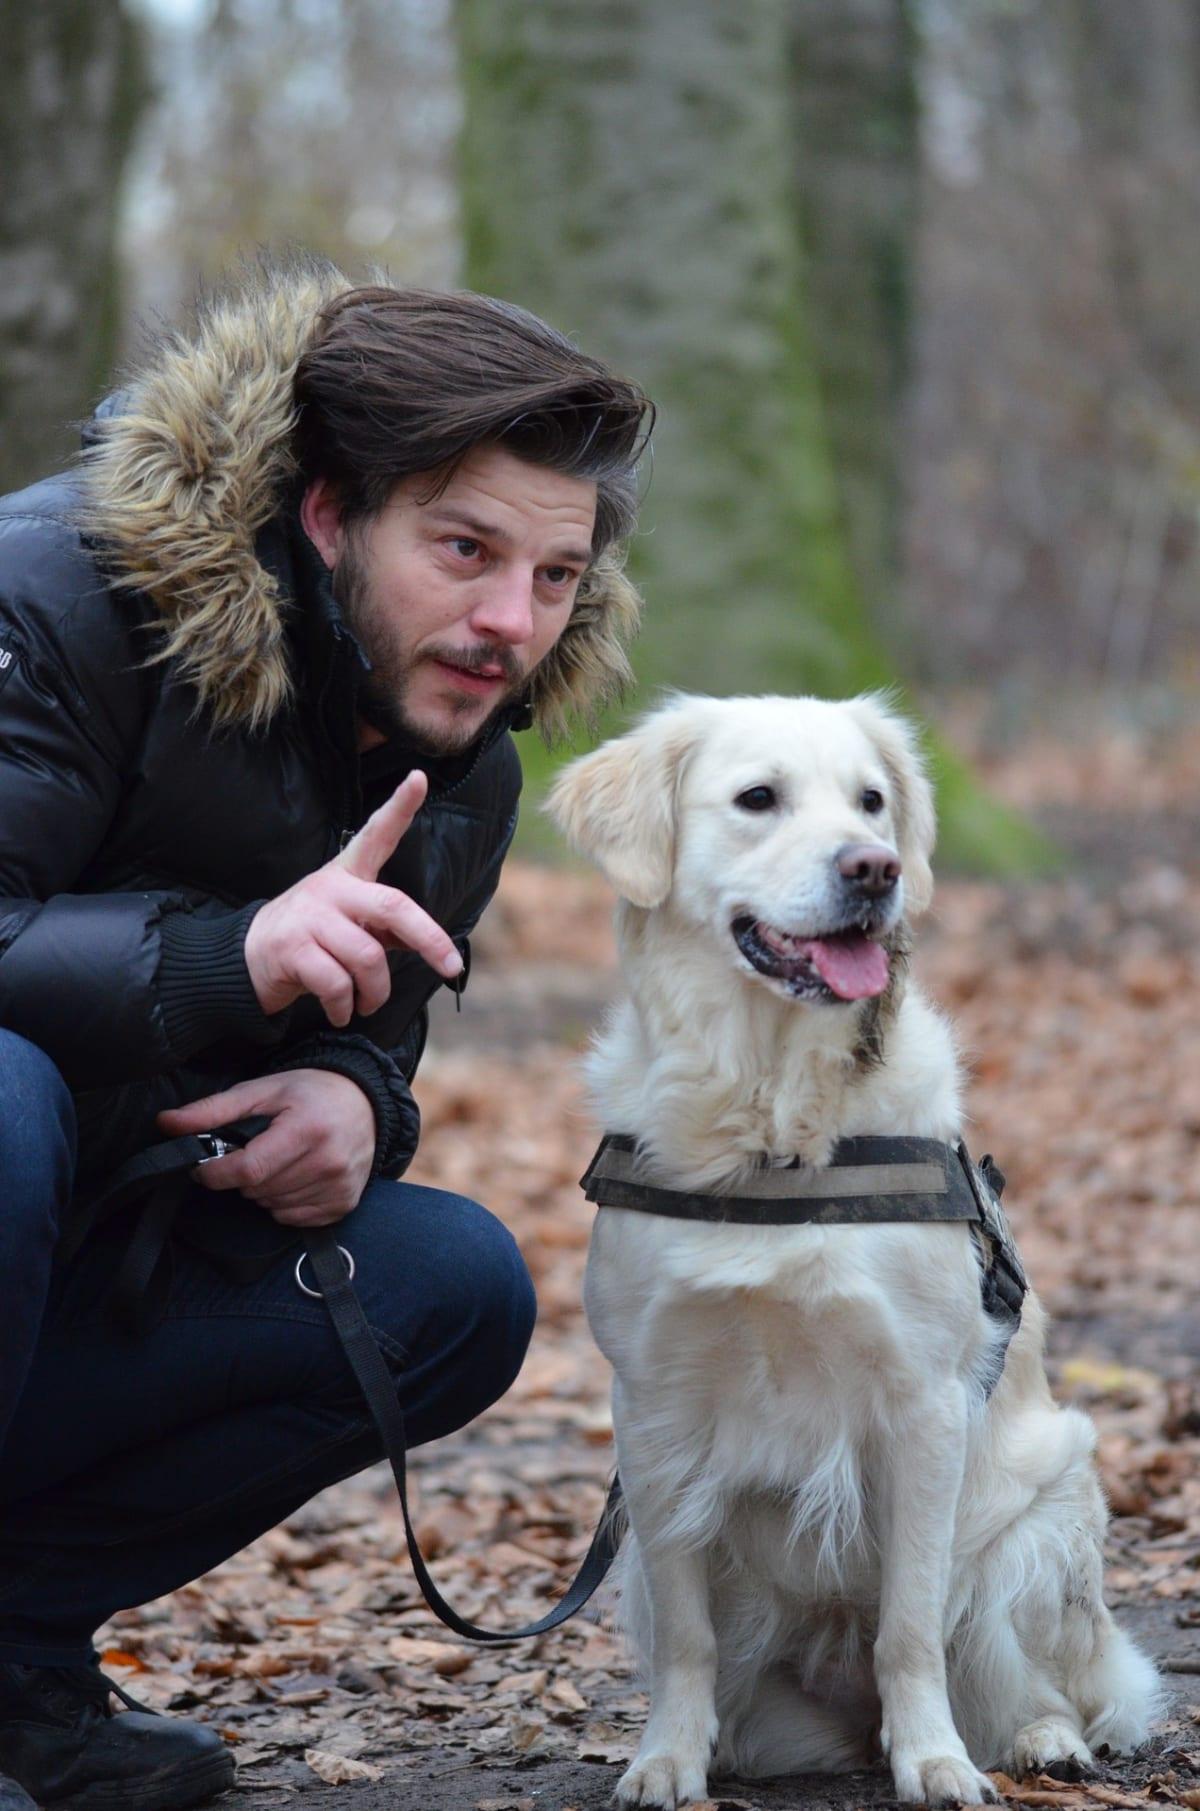 Stejně, jako u malých dětí, je psy nejprve potřeba naučit sedět a teprve až pak trénovat chůzi na vodítku.